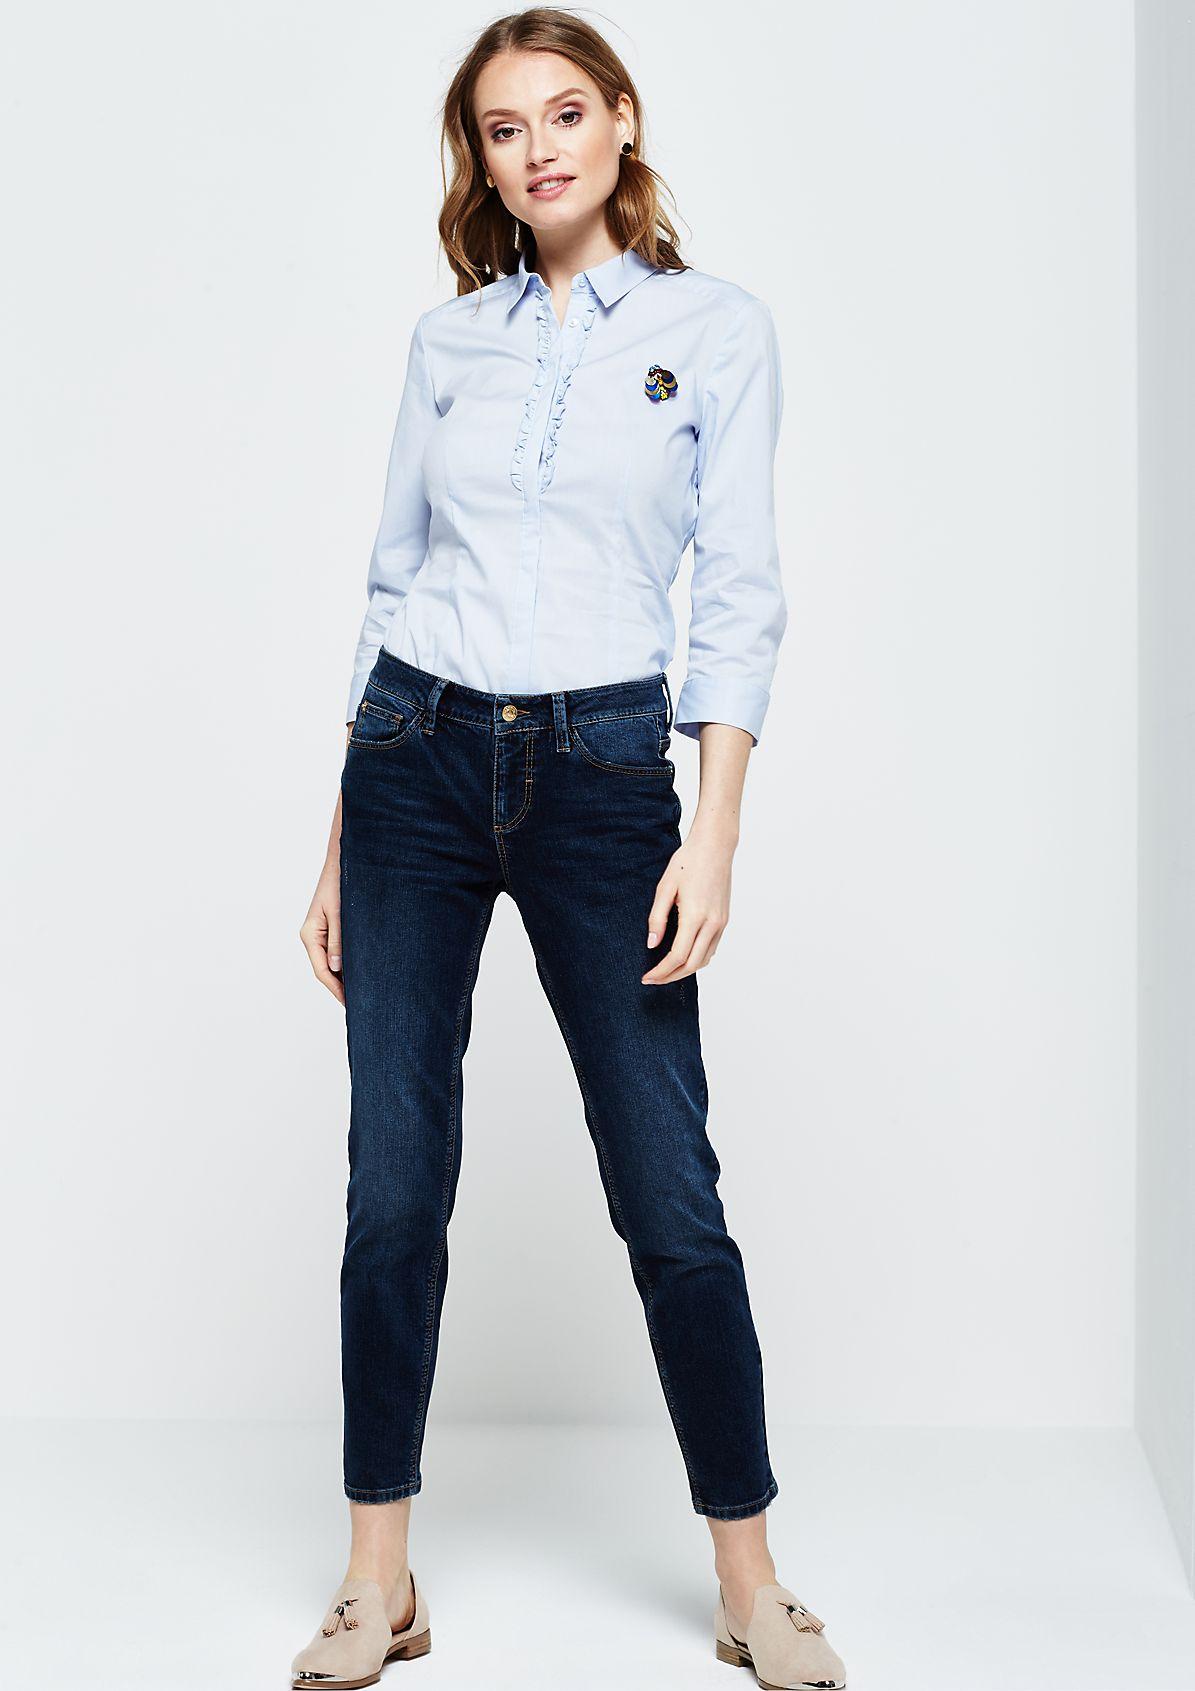 Extravagante 3/4-Arm Bluse mit abnehmbarer Brosche